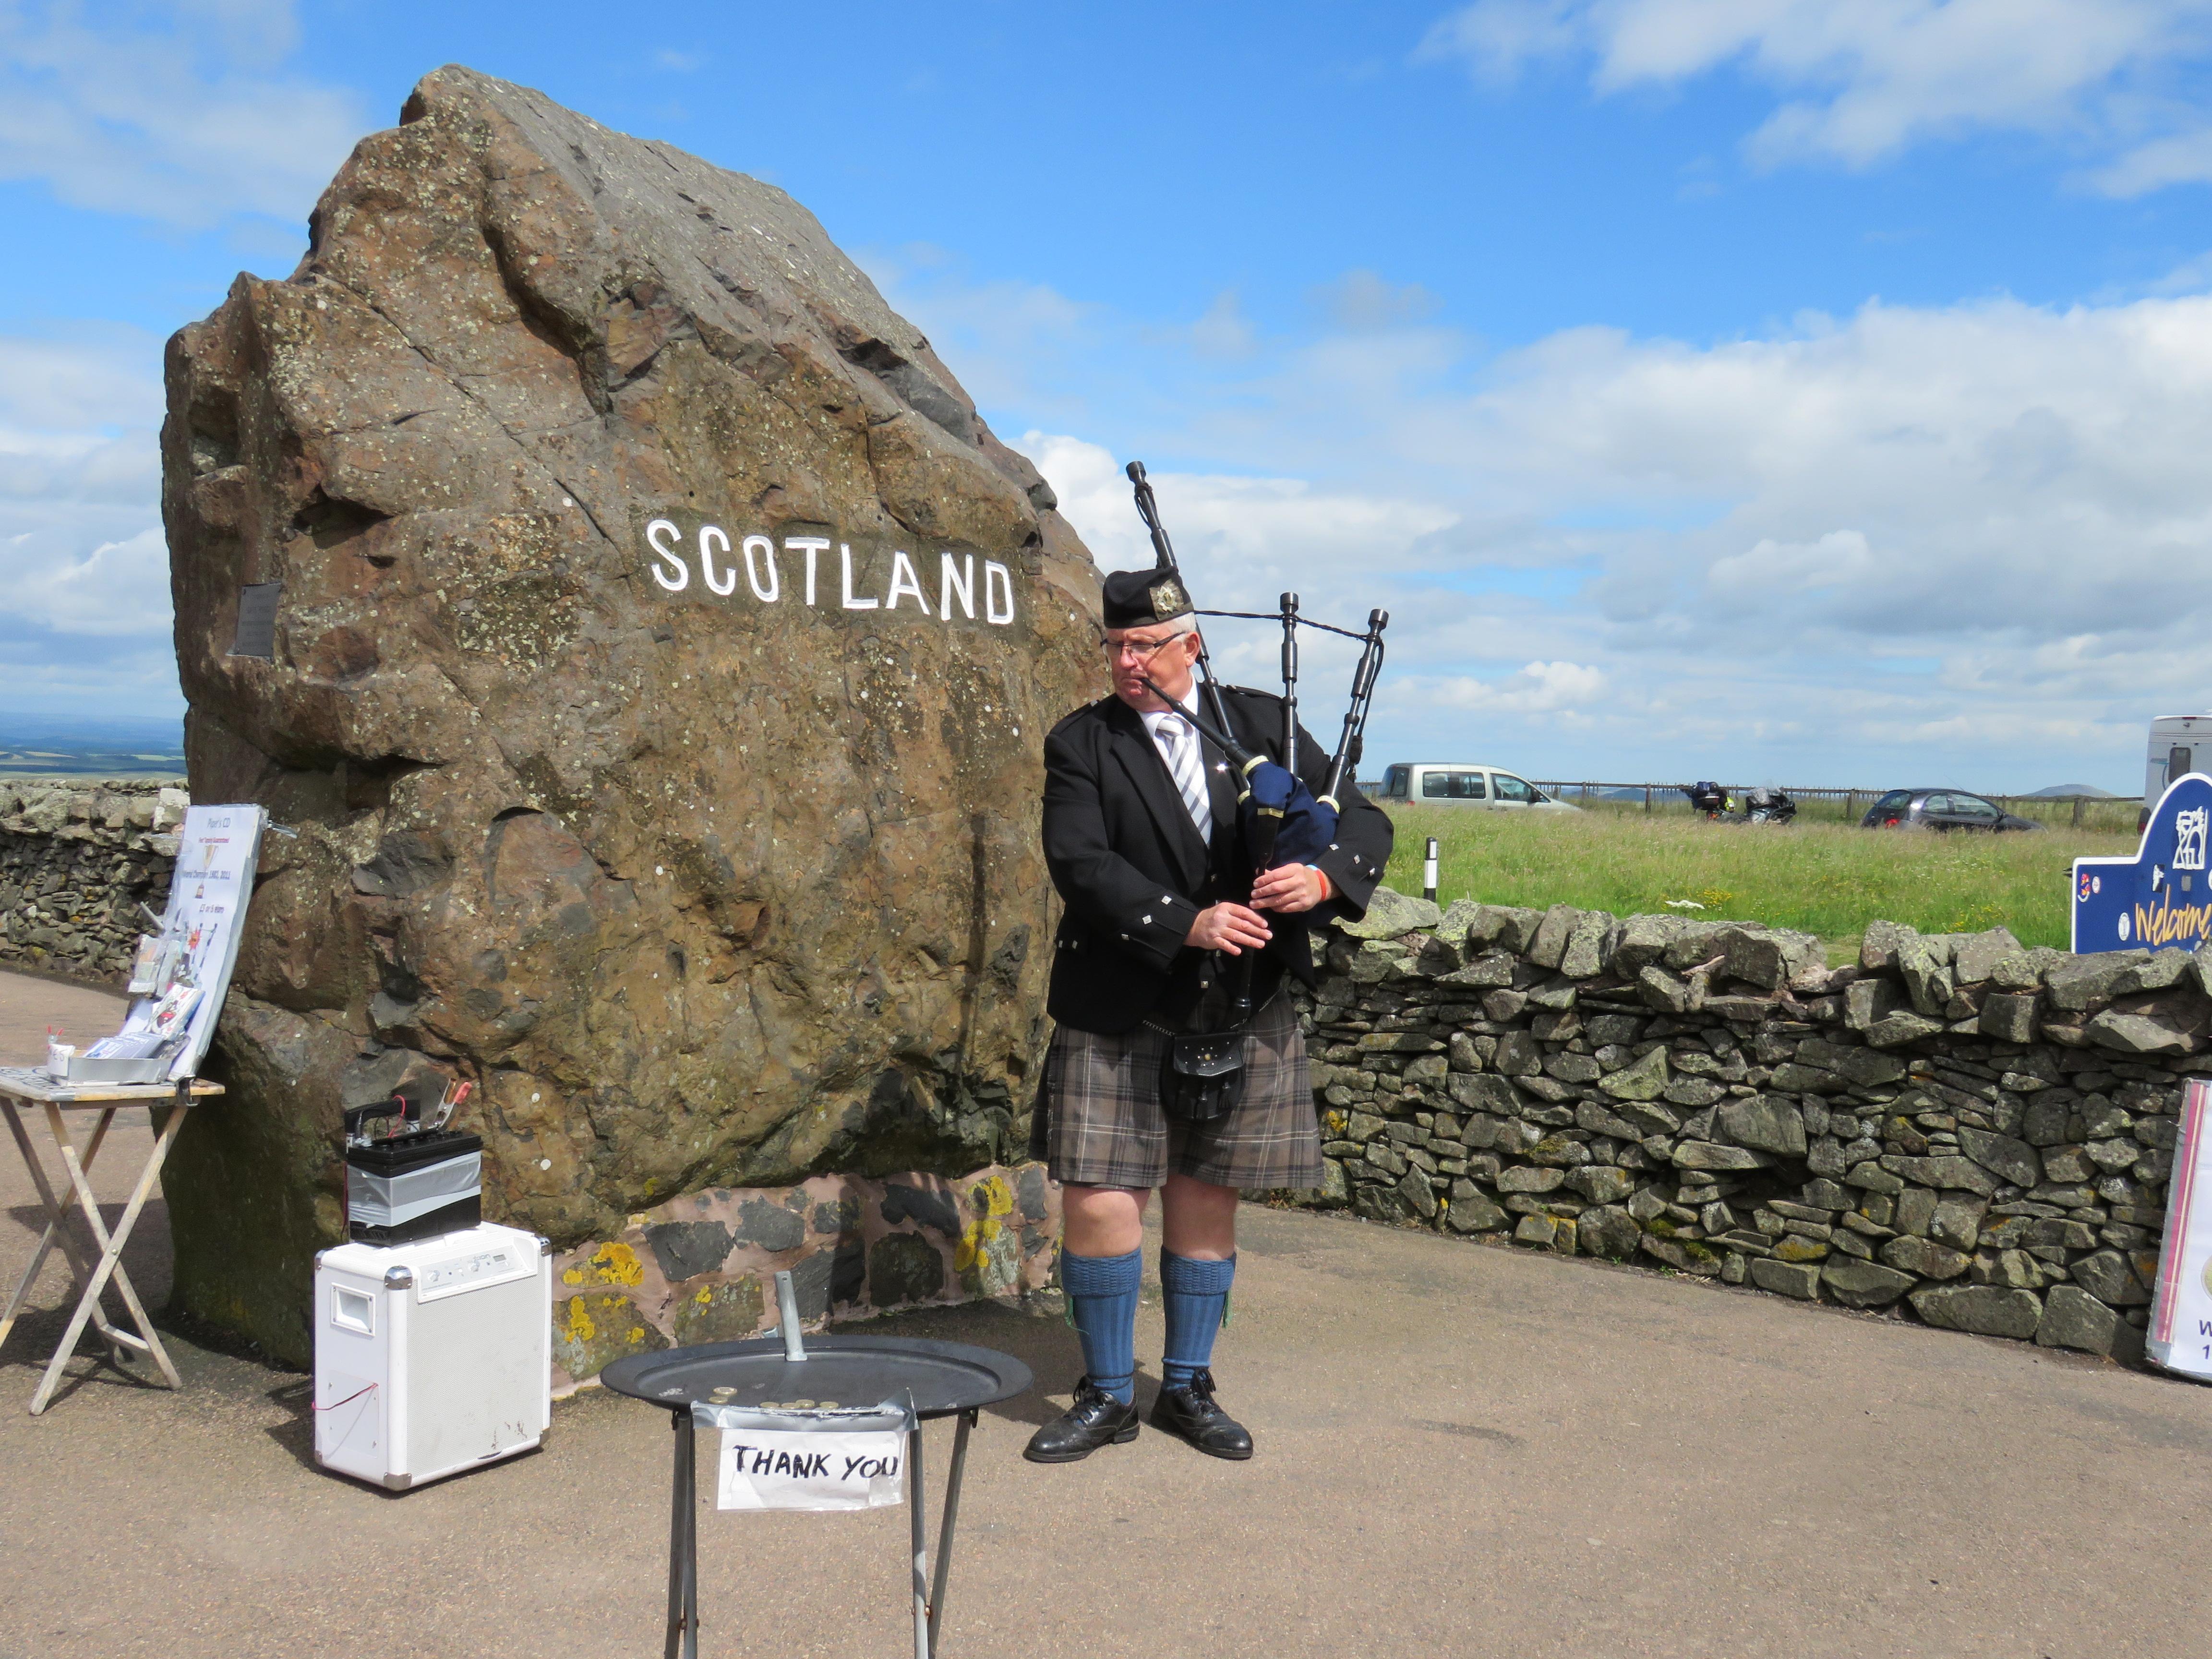 Столица scotland